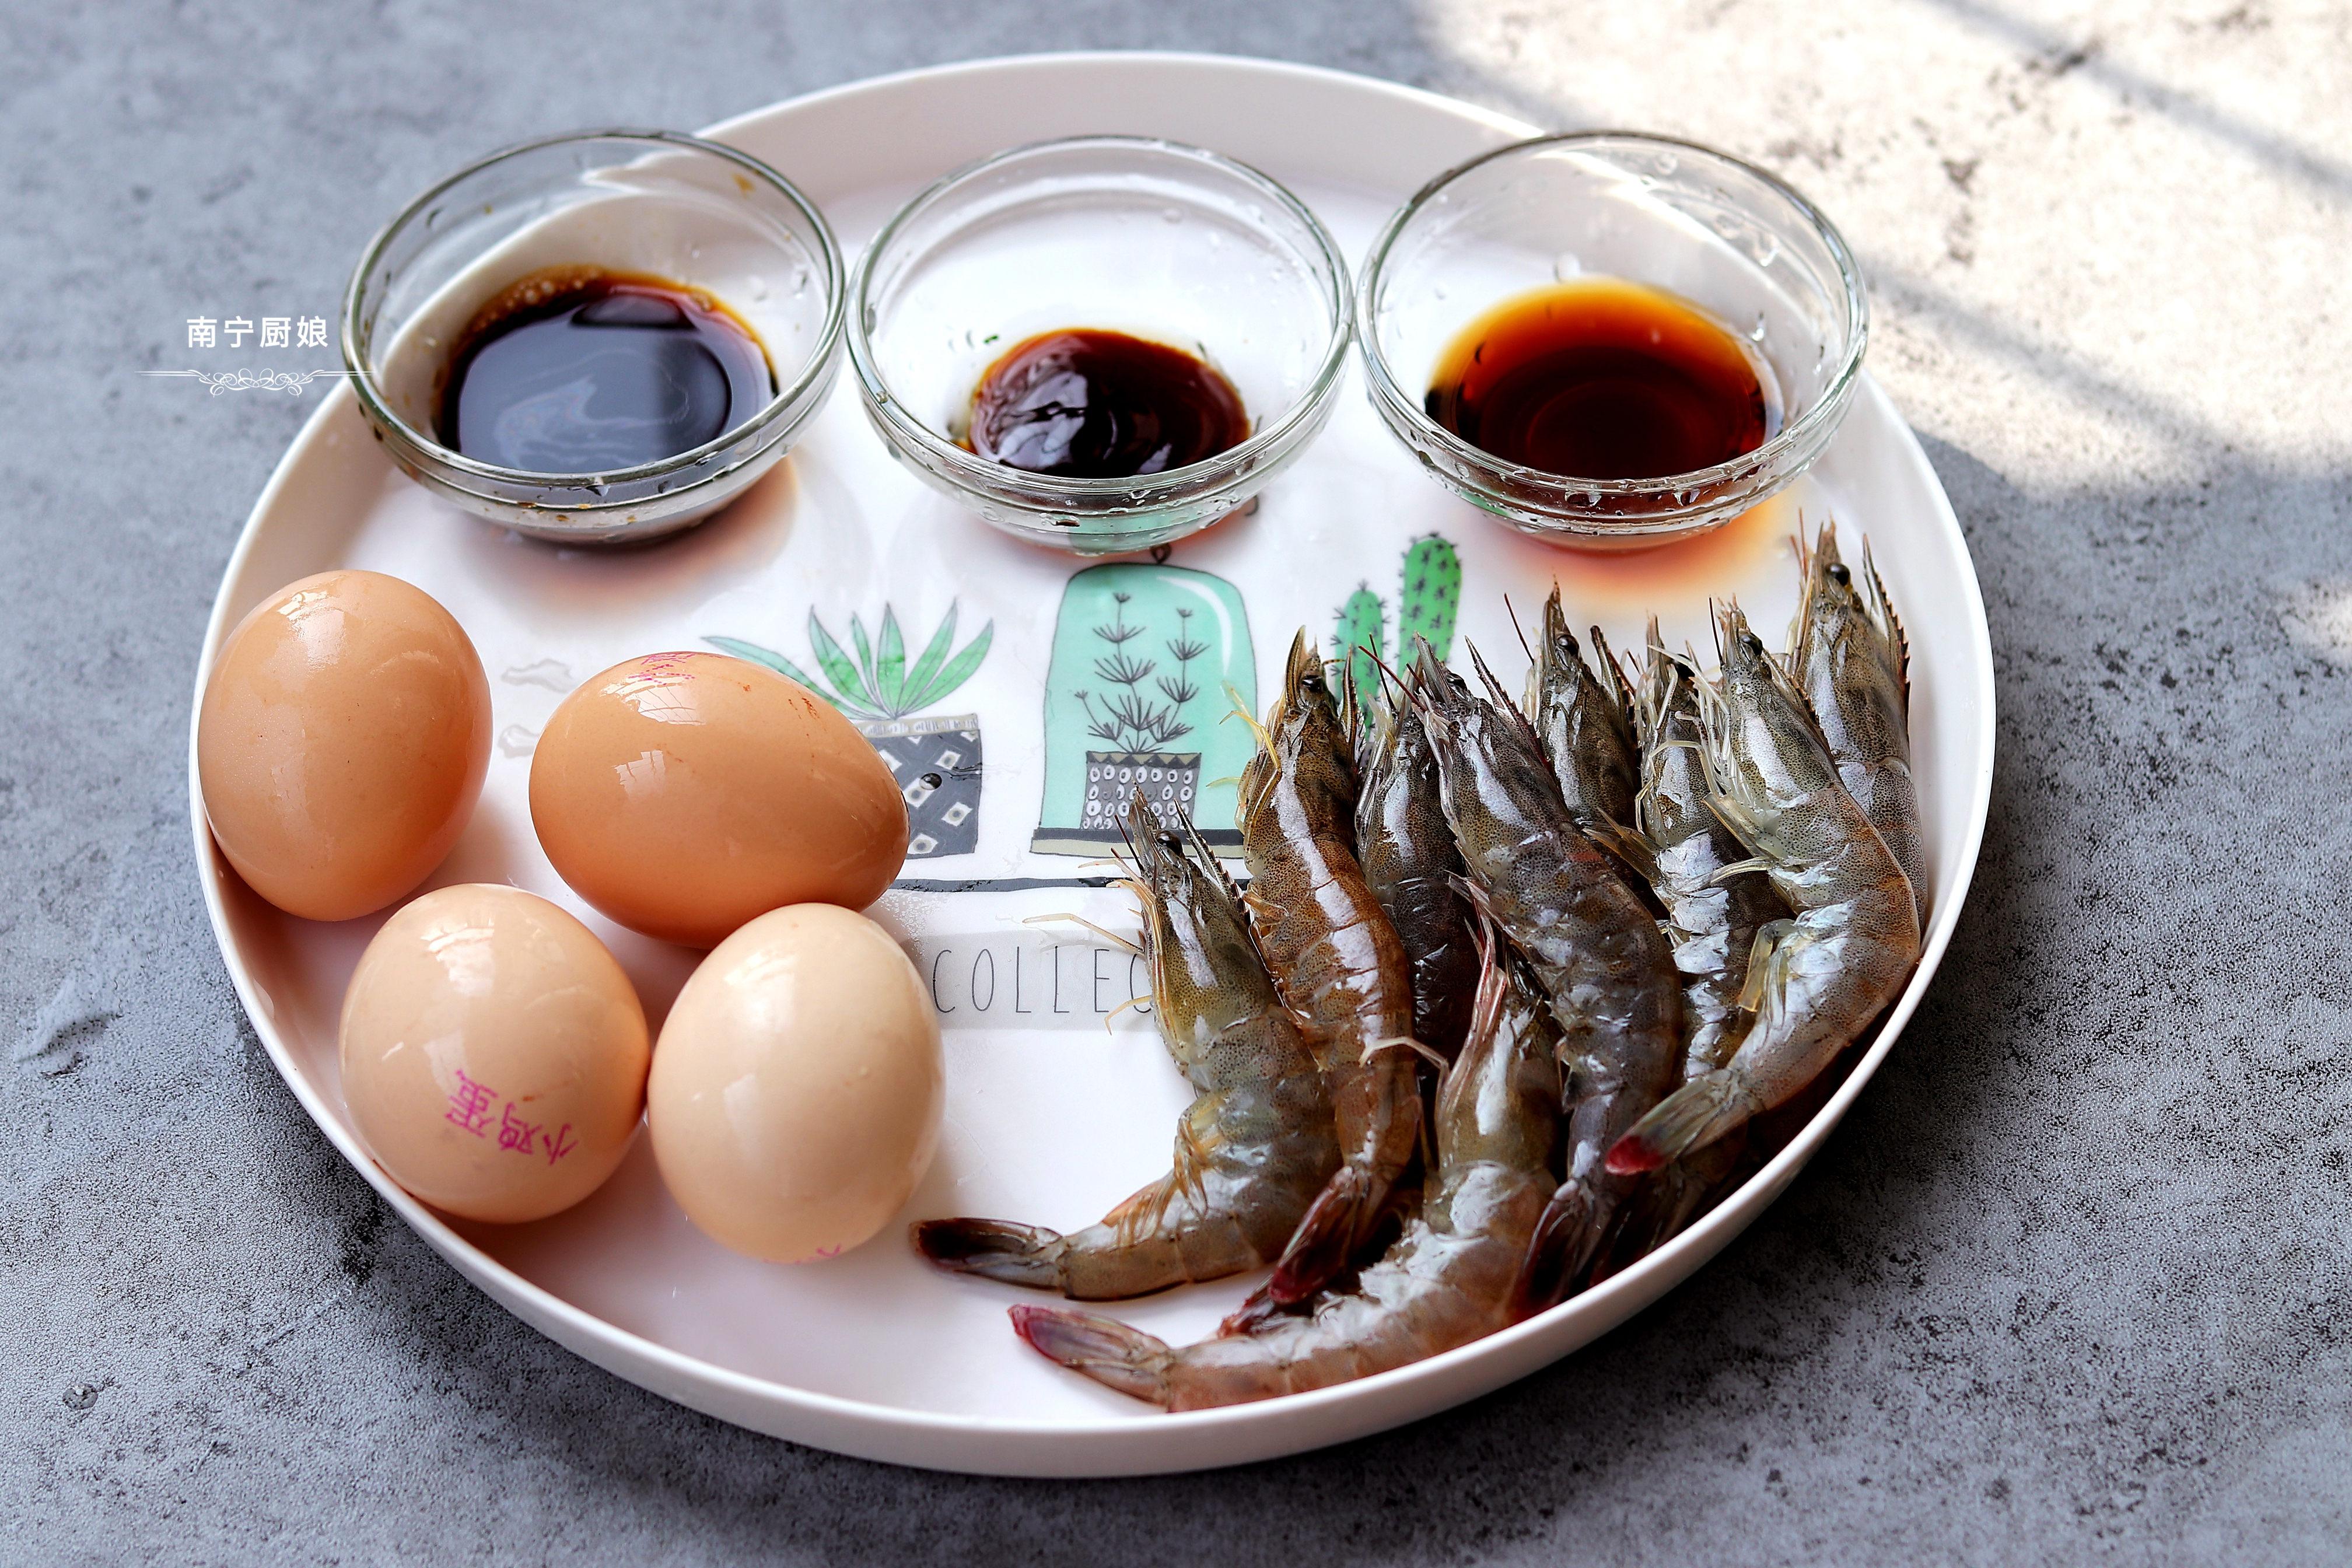 自從我把雞蛋這樣做,家裡小孩每天點名要吃一次,營養豐富味道好